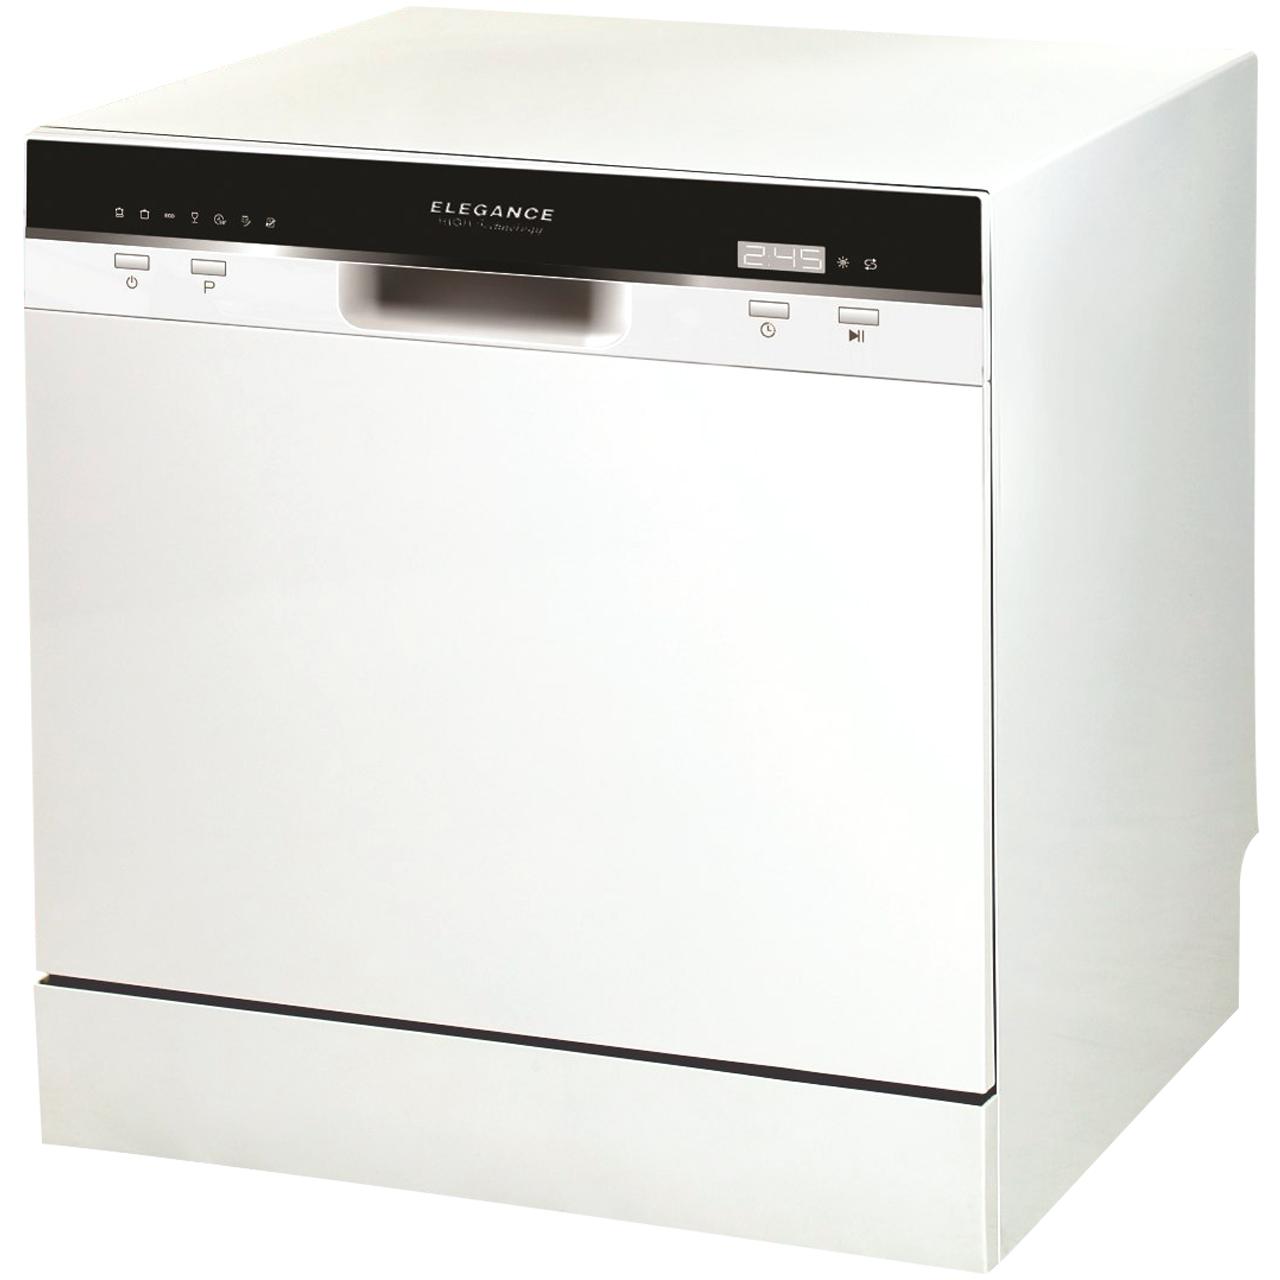 فروش نقدی و اقساطی ماشین ظرفشویی الگانس مدل WQP6 مناسب برای 6 نفر